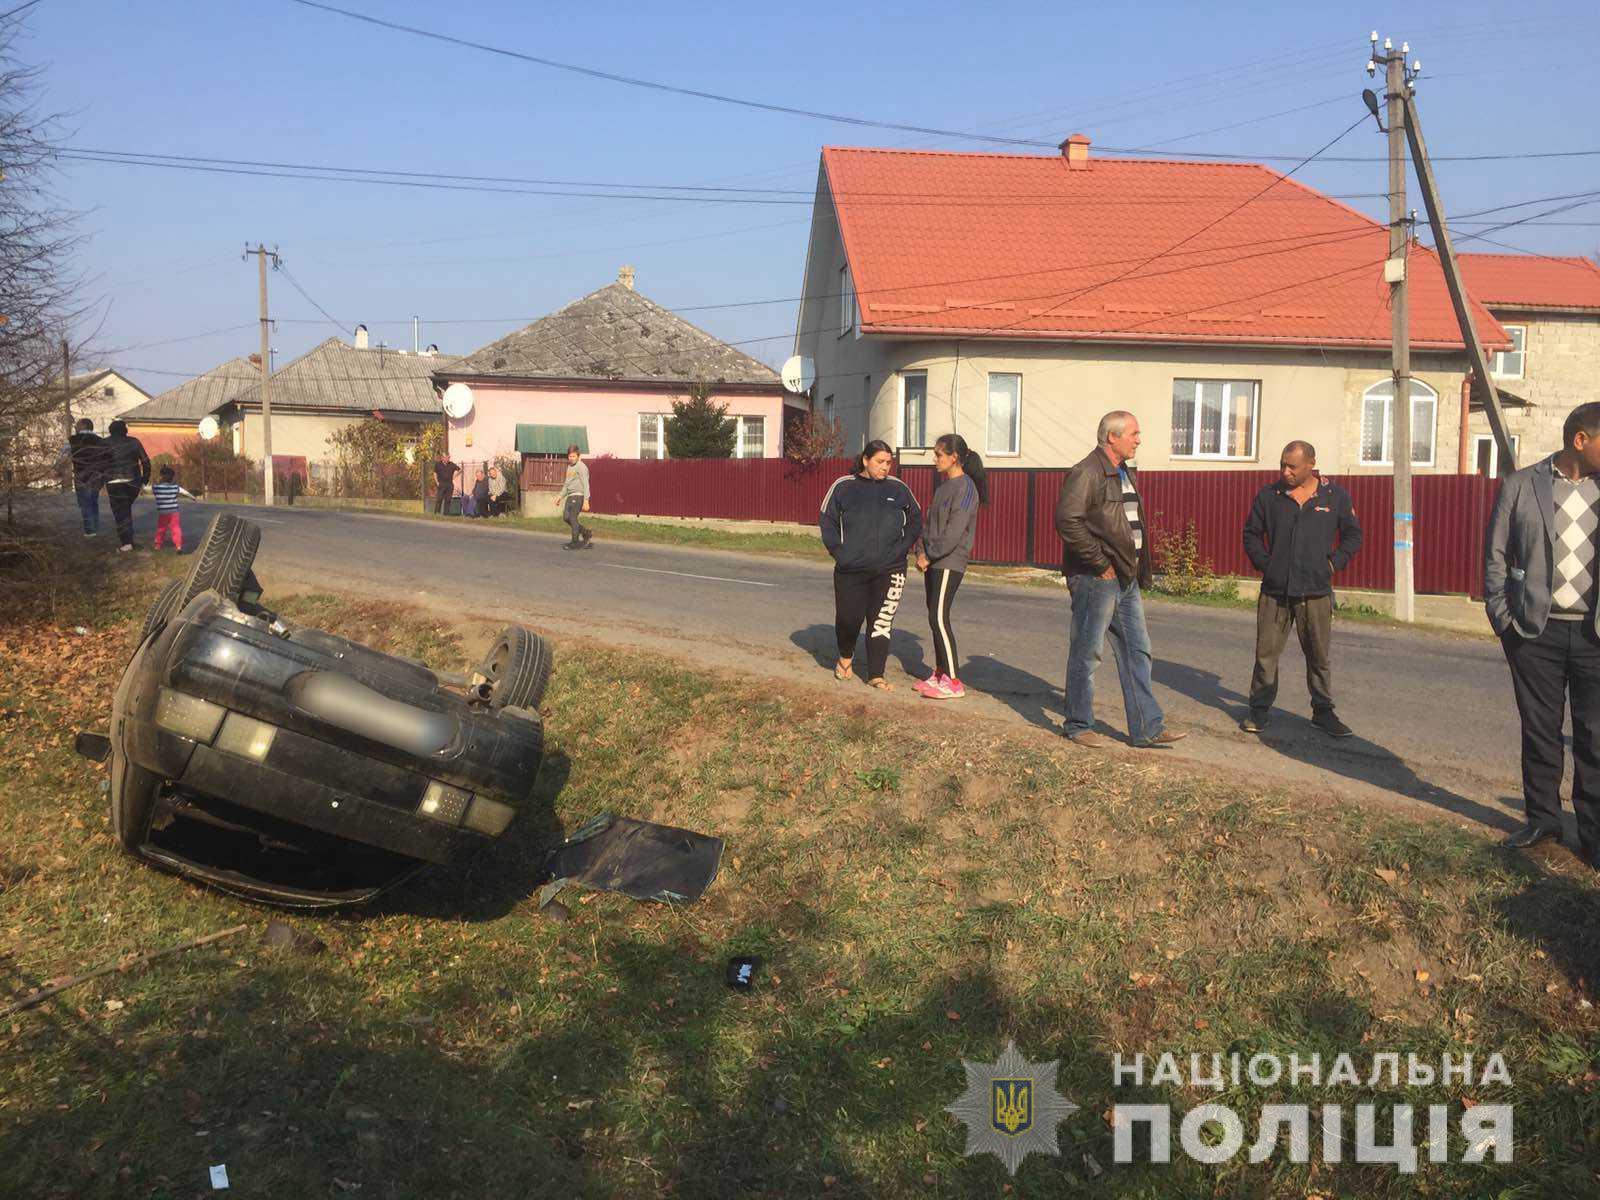 За фактом автопригоди у селі Мирча Великоберезнянського району поліція розпочала слідство. Трьох травмованих, серед яких неповнолітня дівчинка, госпіталізовано до районної лікарні.